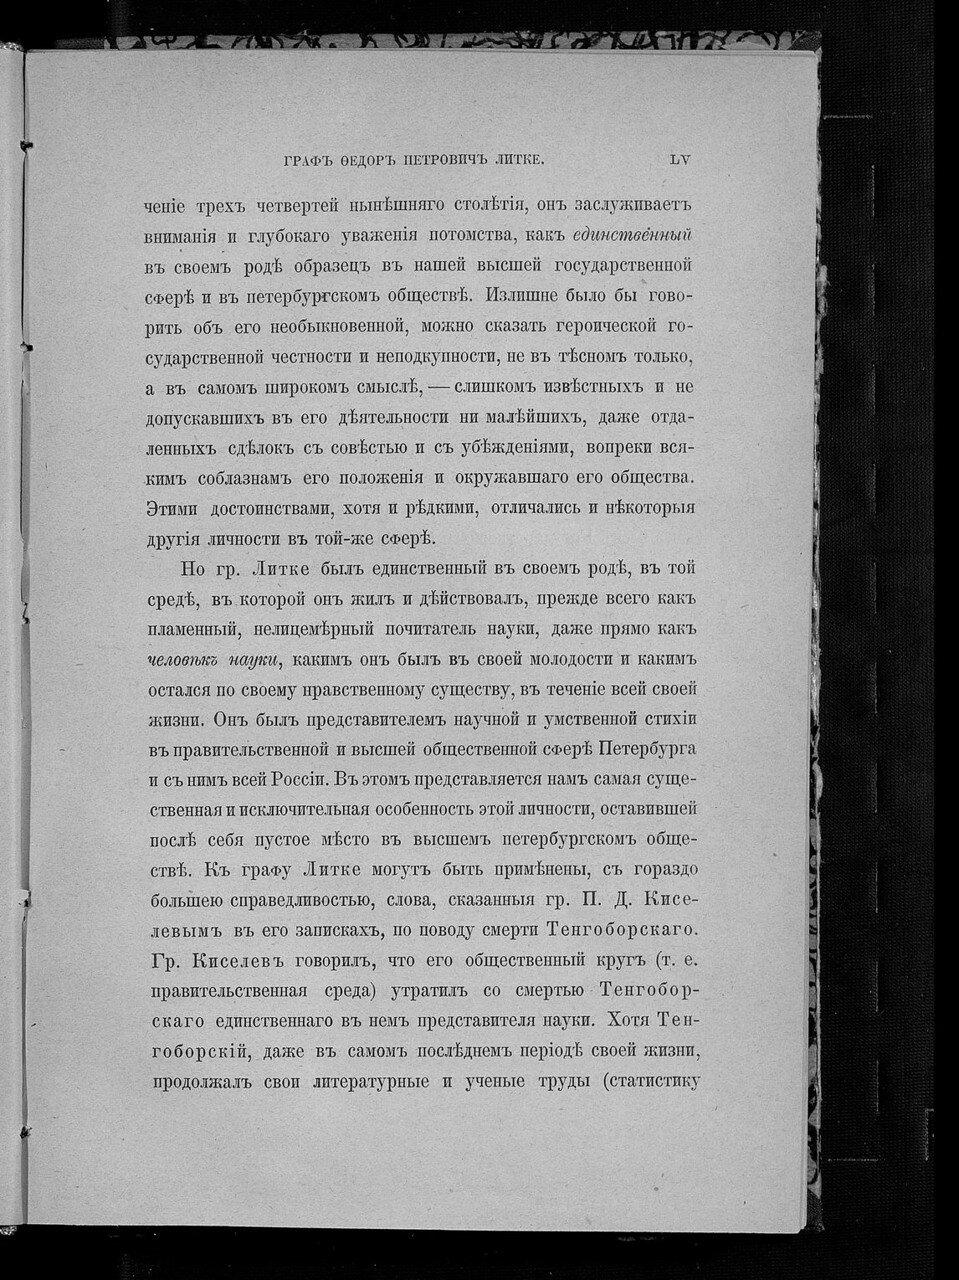 https://img-fotki.yandex.ru/get/27836/199368979.d3/0_21dd89_4a66b042_XXXL.jpg